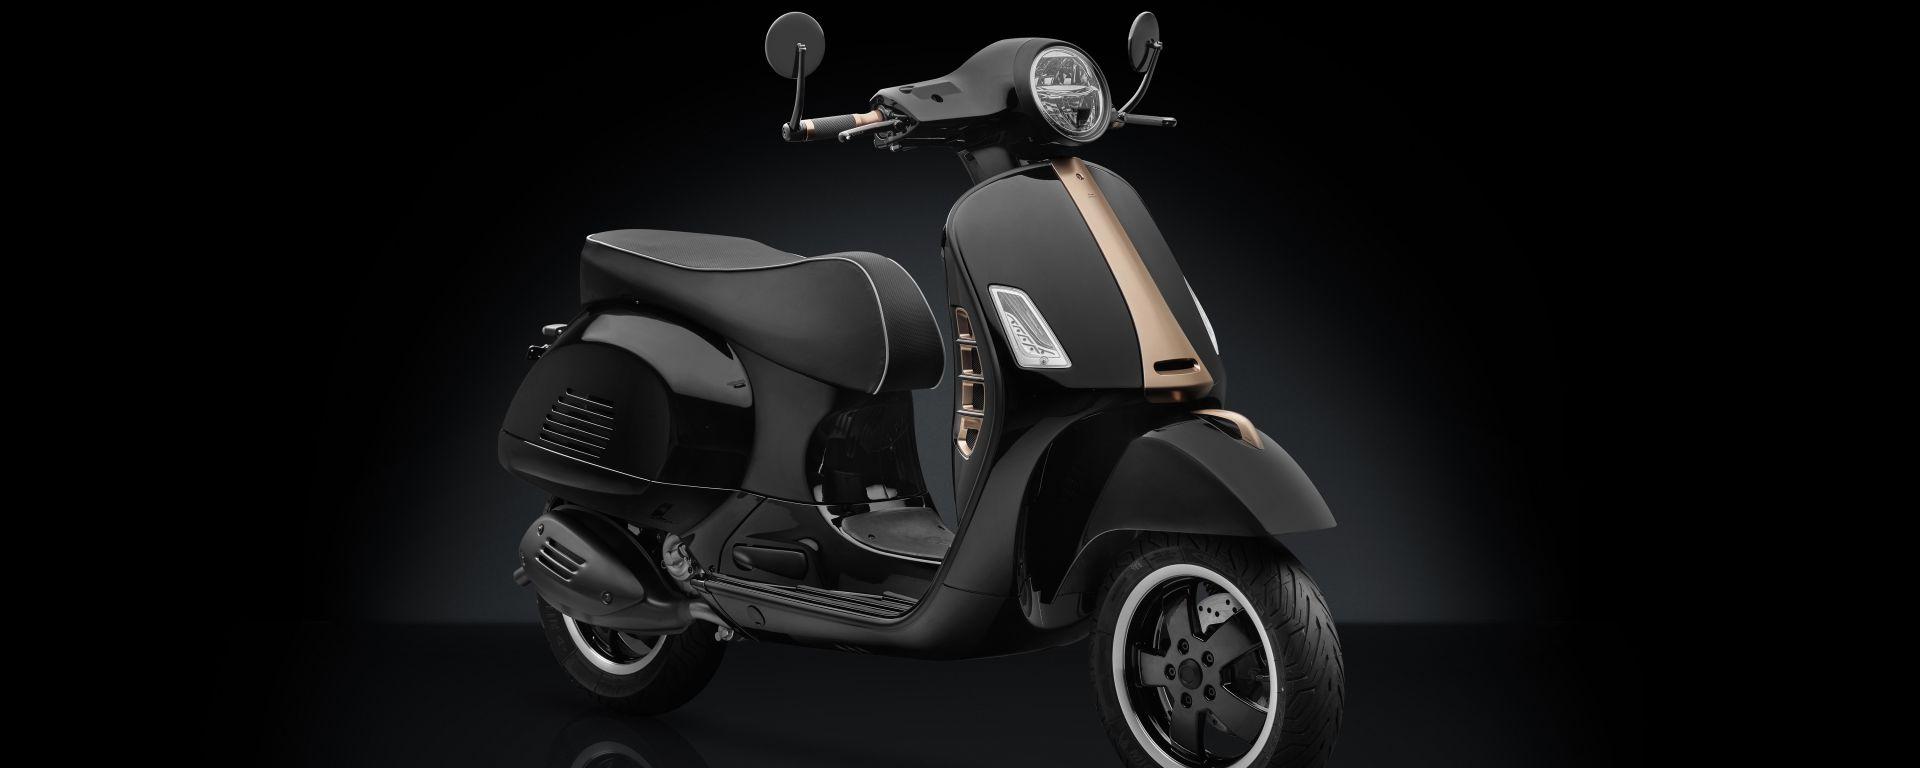 RIZOMA | Vespa GTS Super 300 hpe Bronze collection Kit